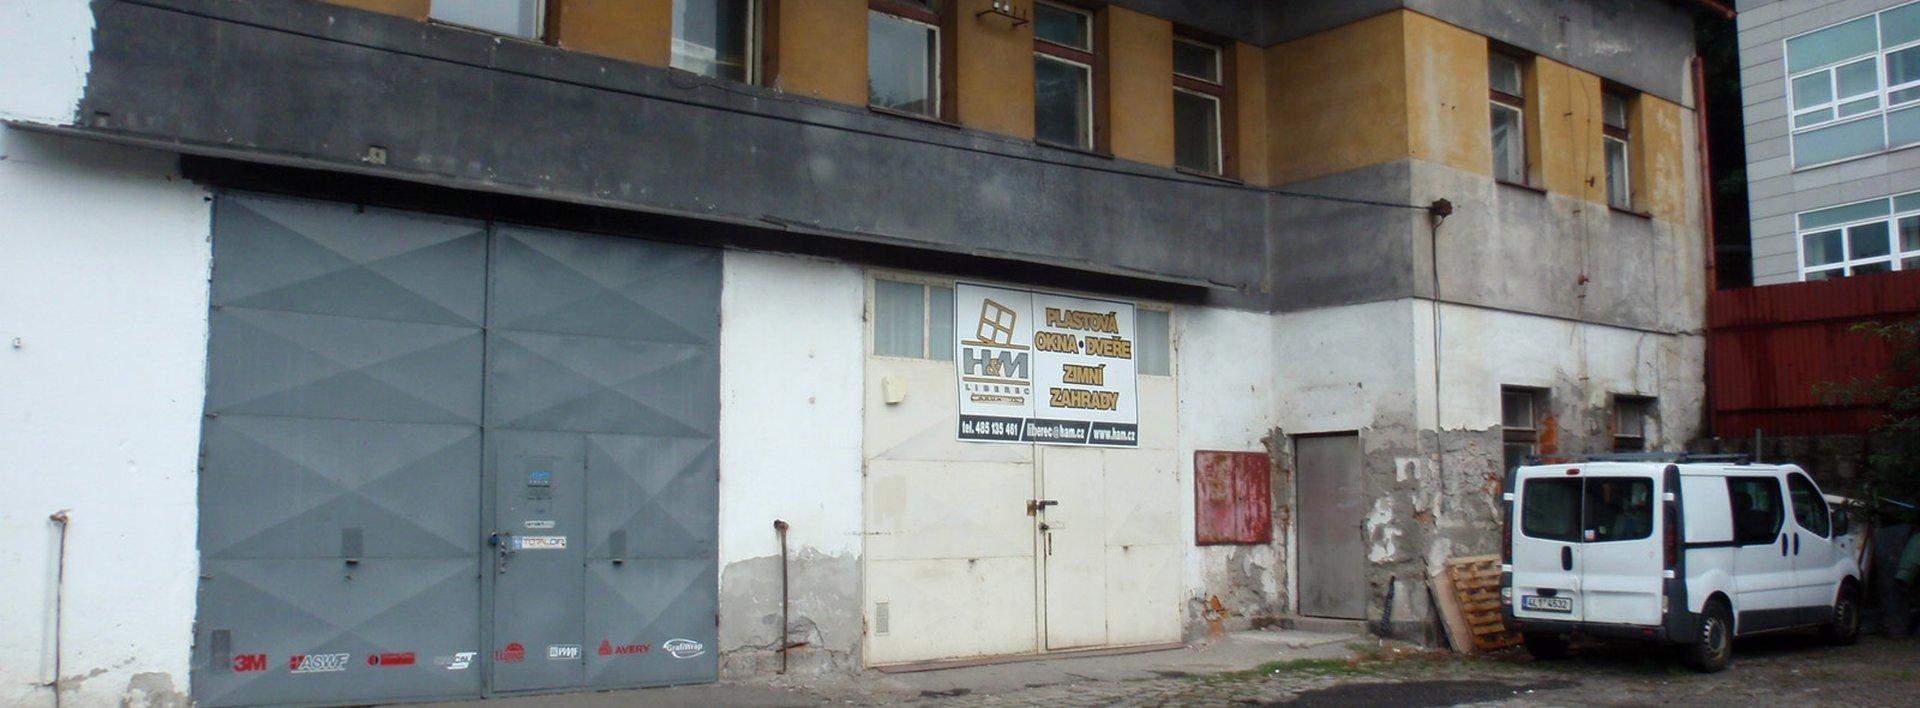 Pronájem prostoru - skladu 72 m² - Sokolská,  Liberec II-Nové Město